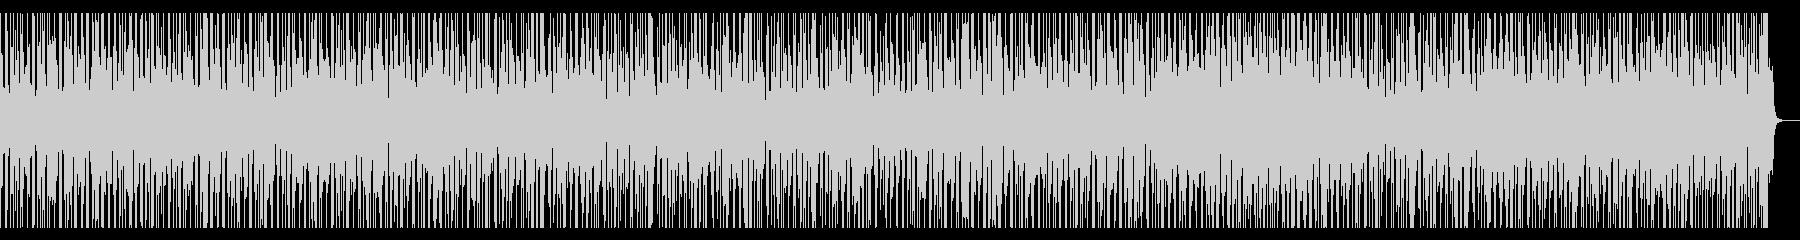 ファンクギター怪しい雰囲気の未再生の波形